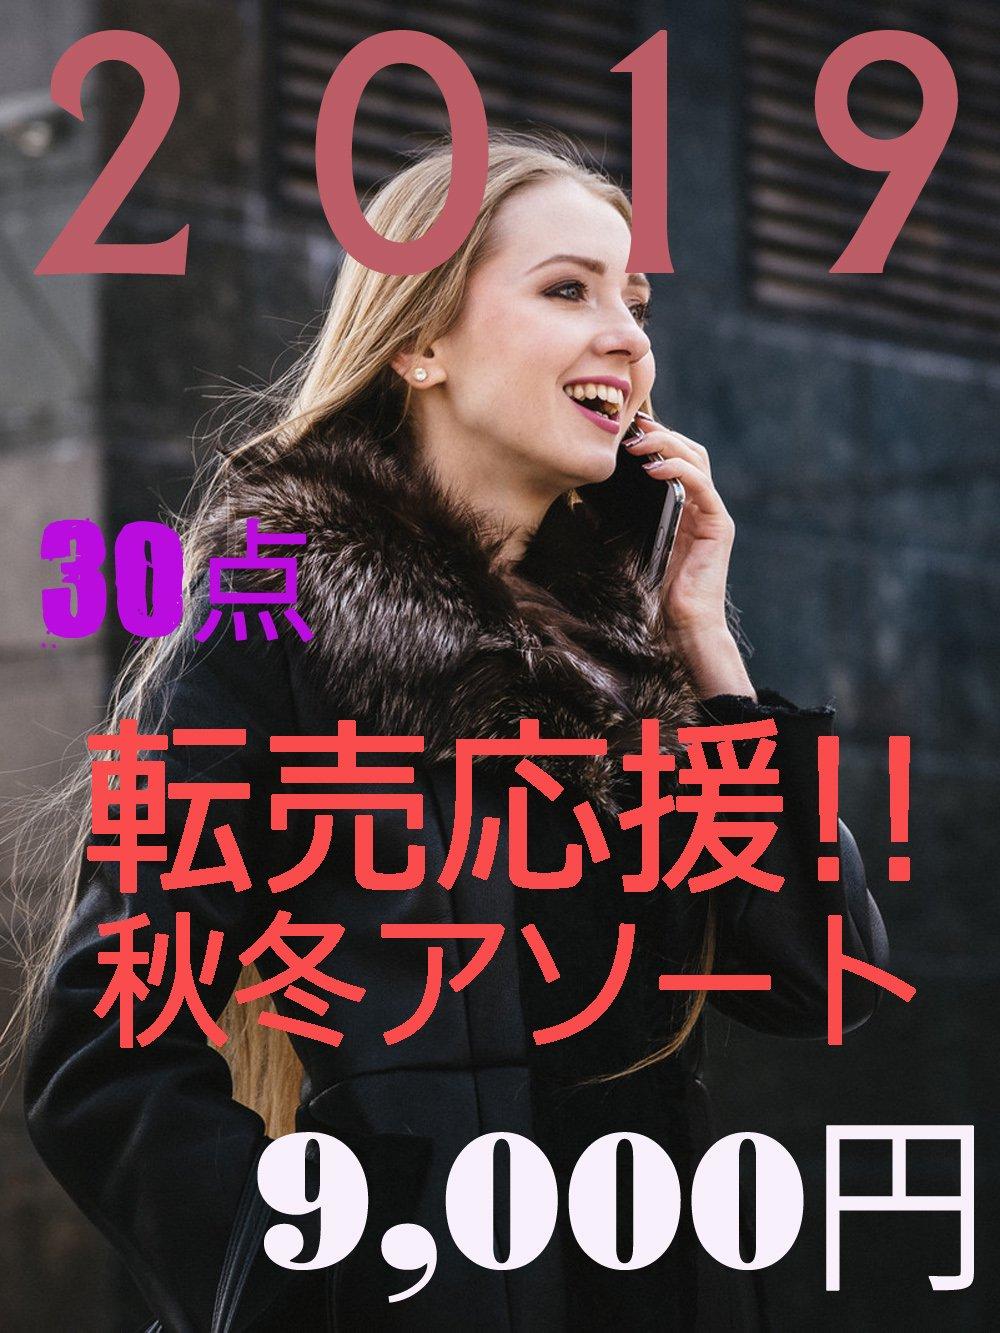 【2019転売応援福袋!】儲かる☆ブランドミックスセット 【30点】@300